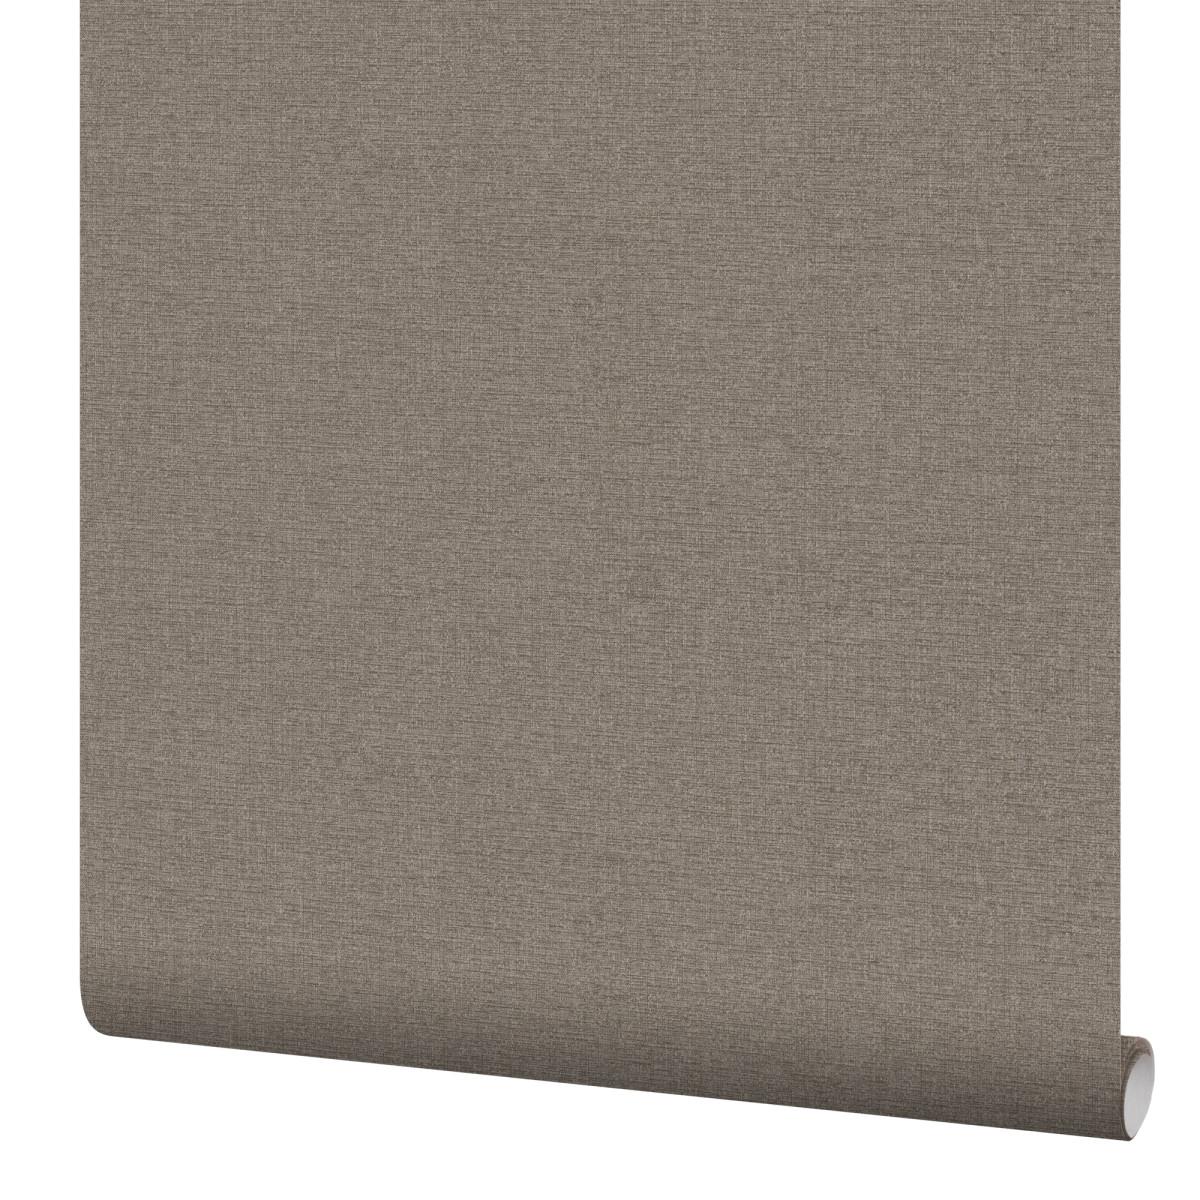 Обои флизелиновые Erismann Jacklin коричневые 1.06 м 60112-06